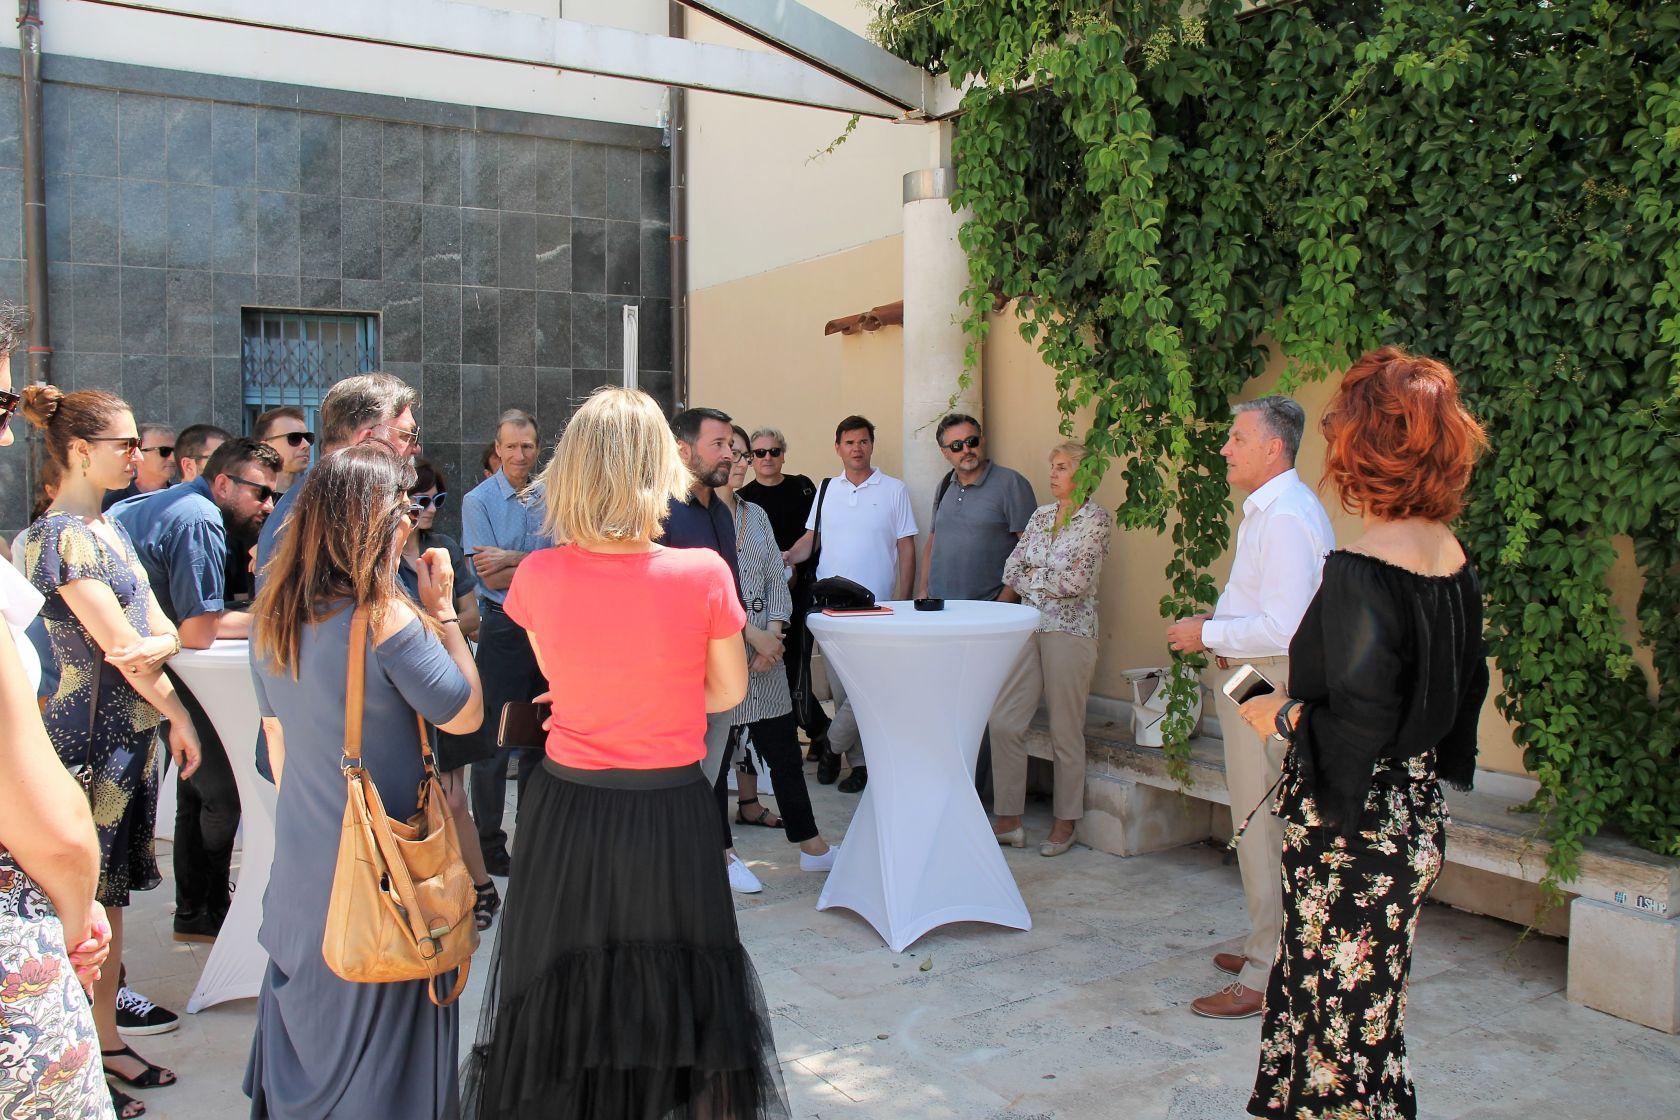 Gradonačelnik primio sudionike programa svečanog otvorenja Poljane